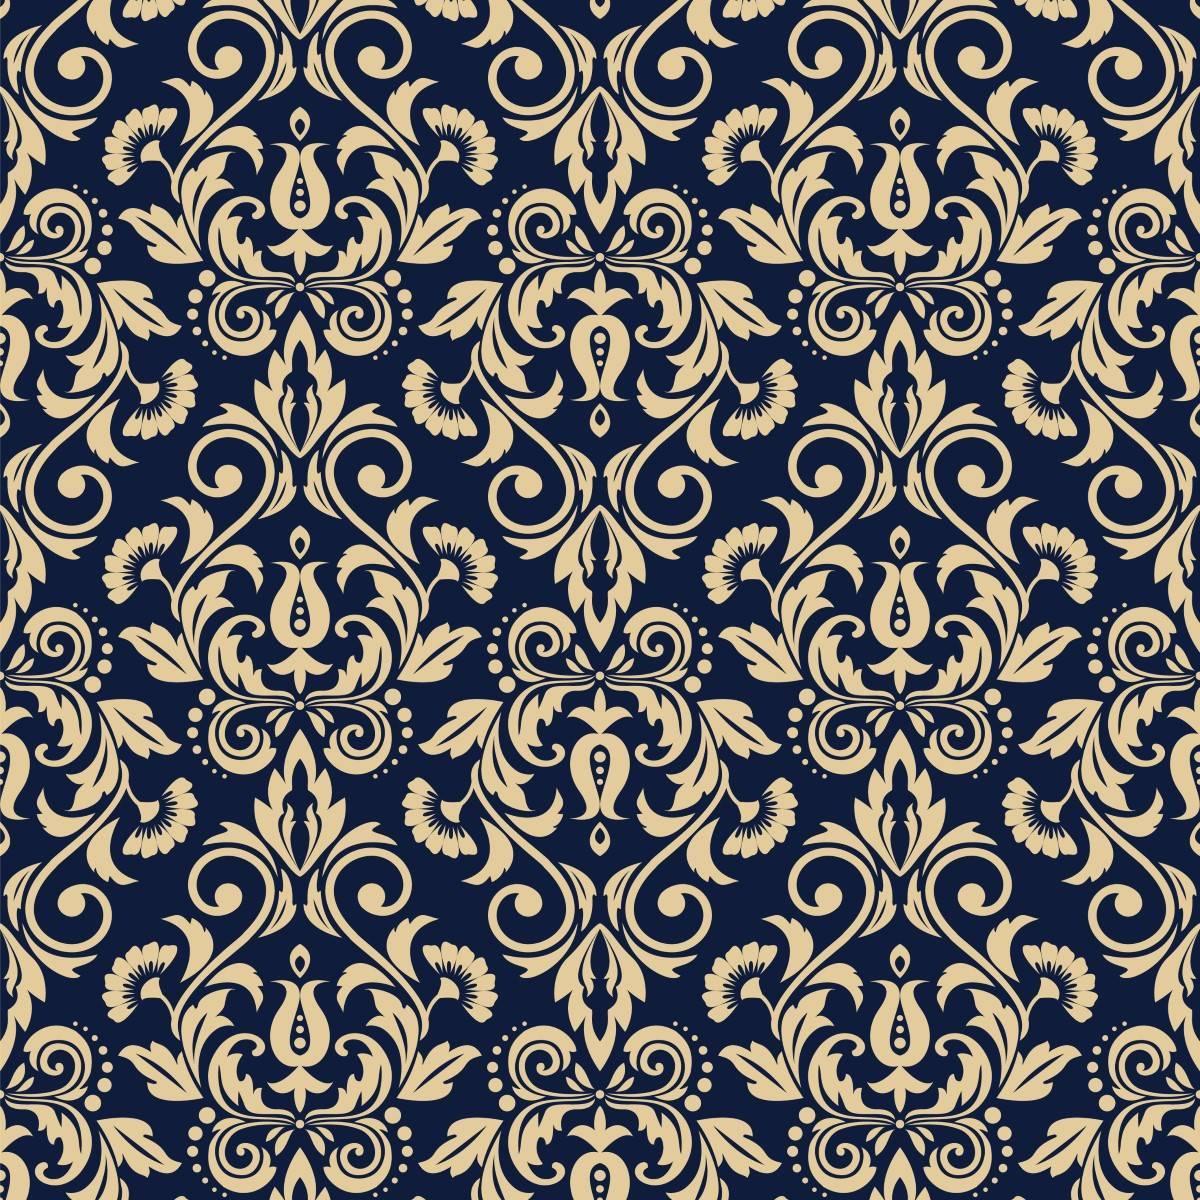 Papel de Parede Arabesco Azul | Adesivo Vinilico imagem 2